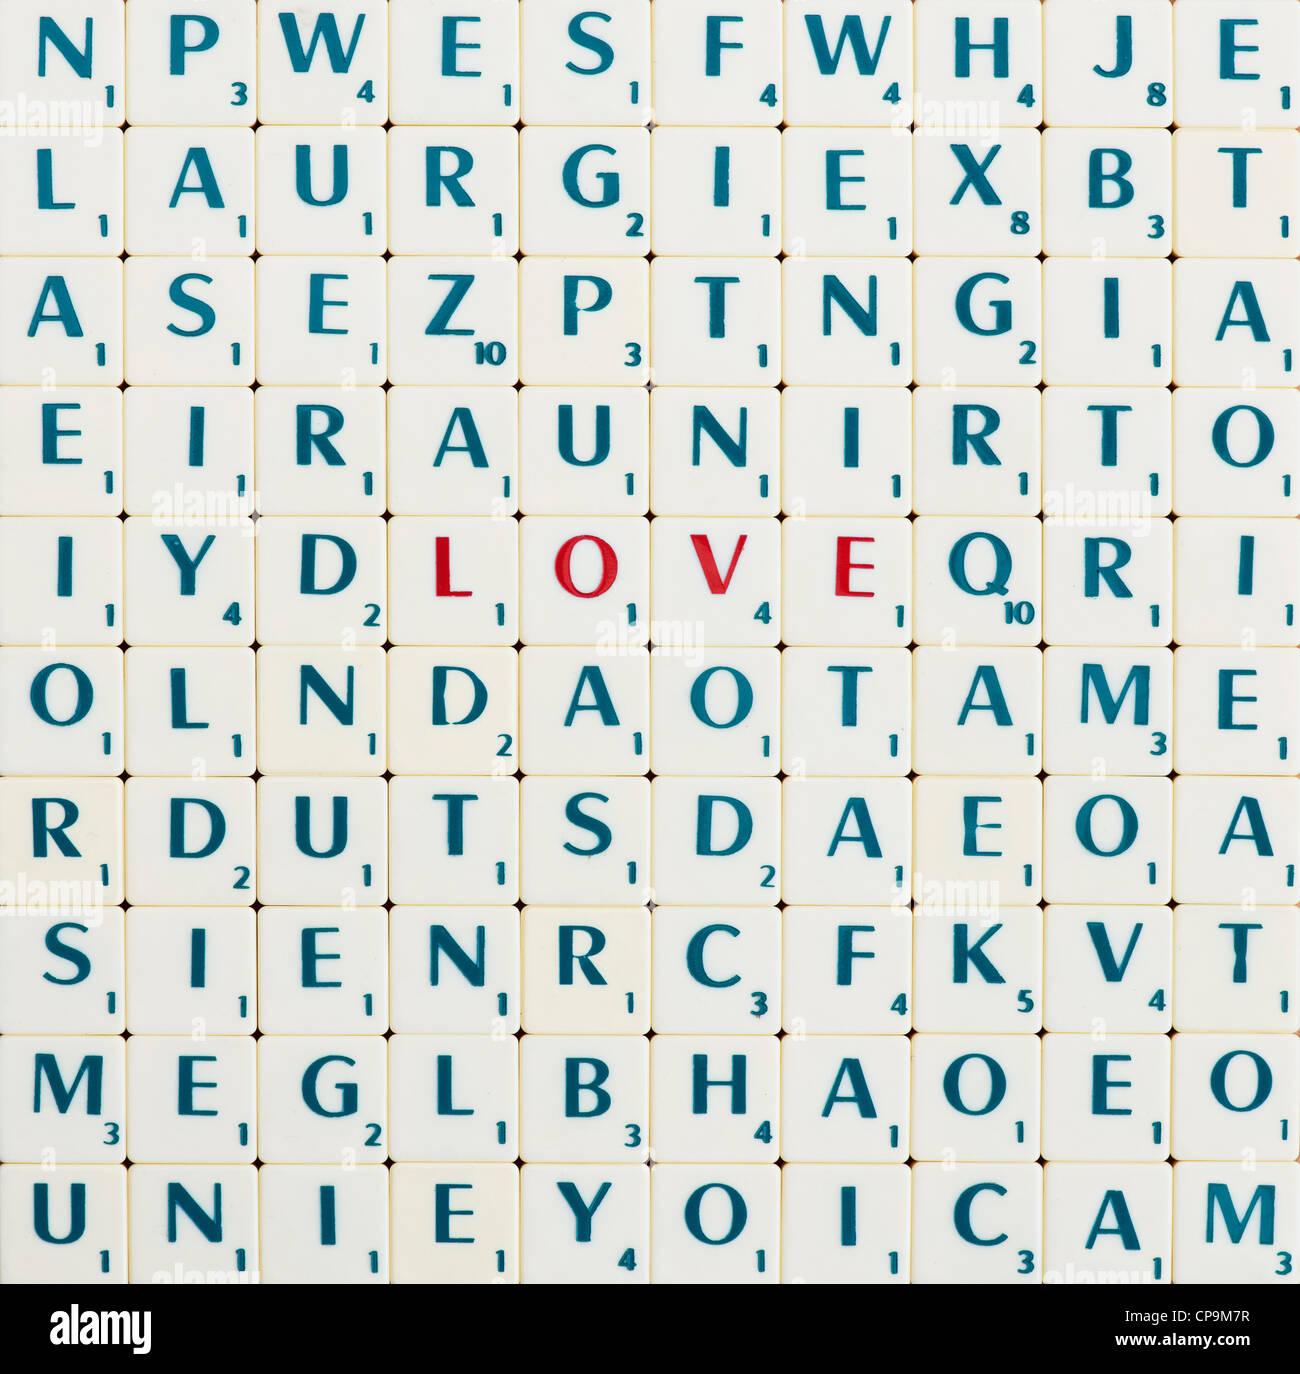 Scrabble Tiles The Word Scrabble Stock Photos & Scrabble